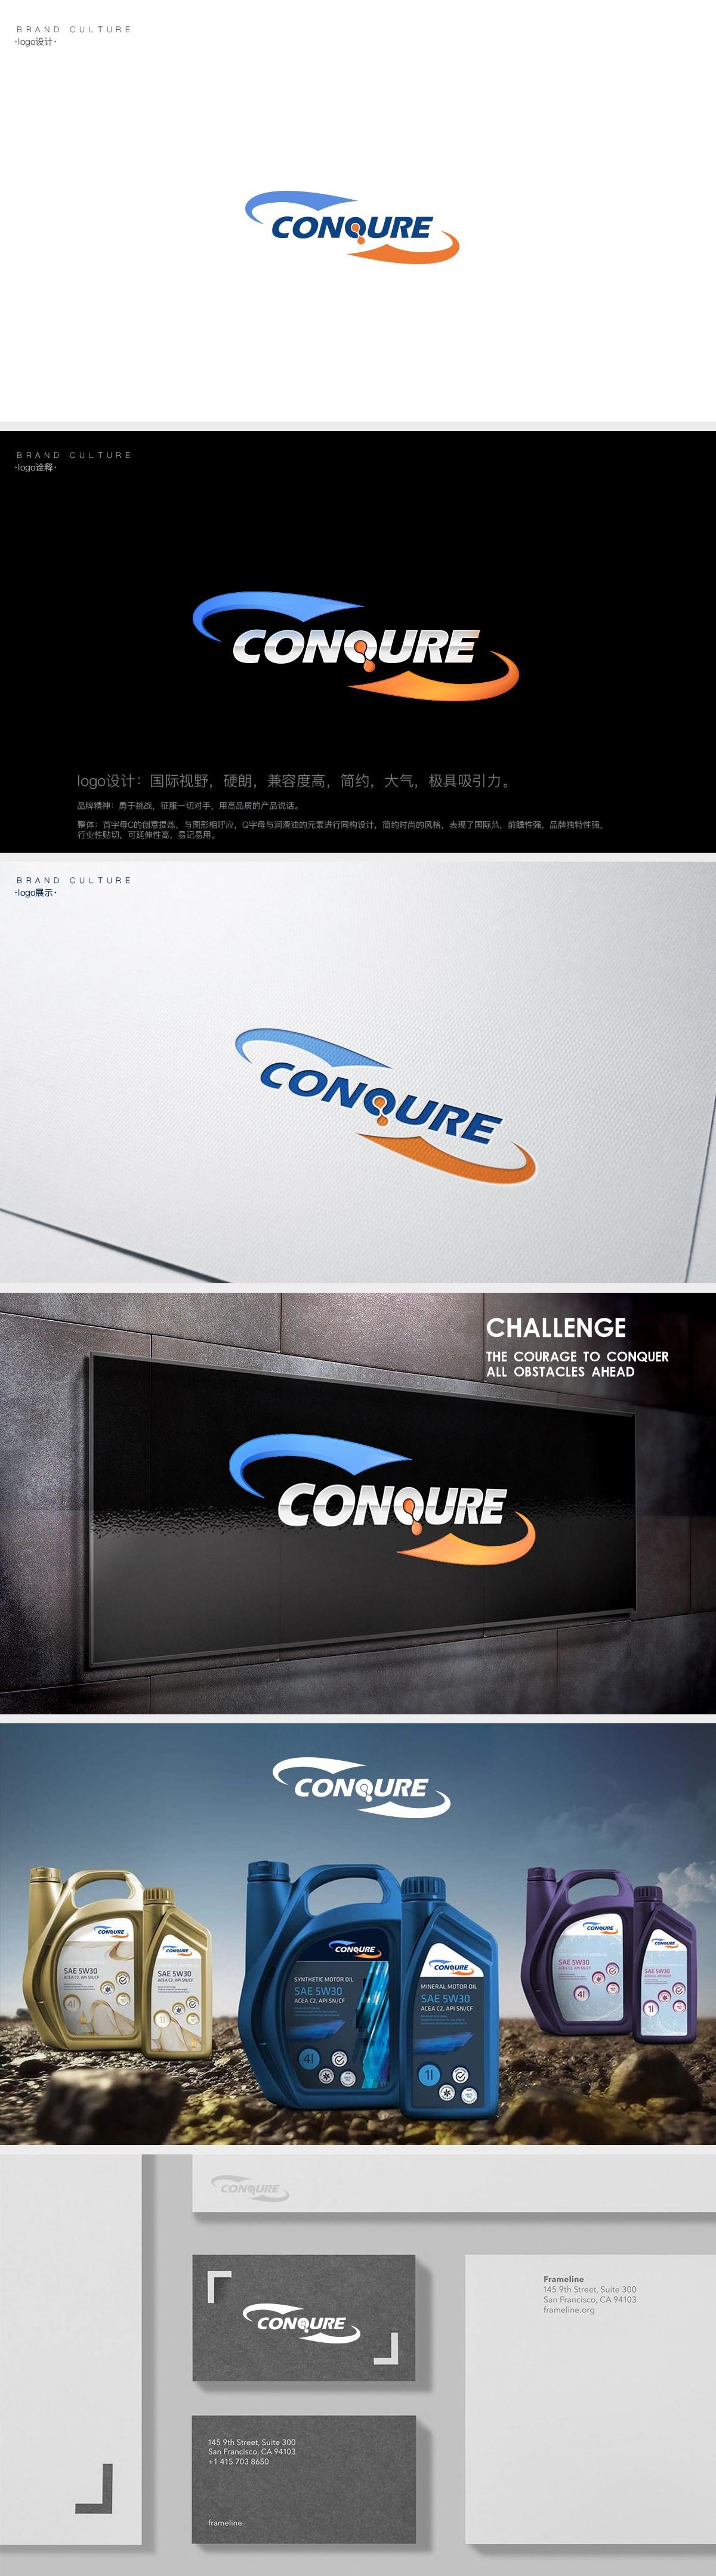 conqure 潤滑油品牌全案 品牌logo設計 品牌包裝設計